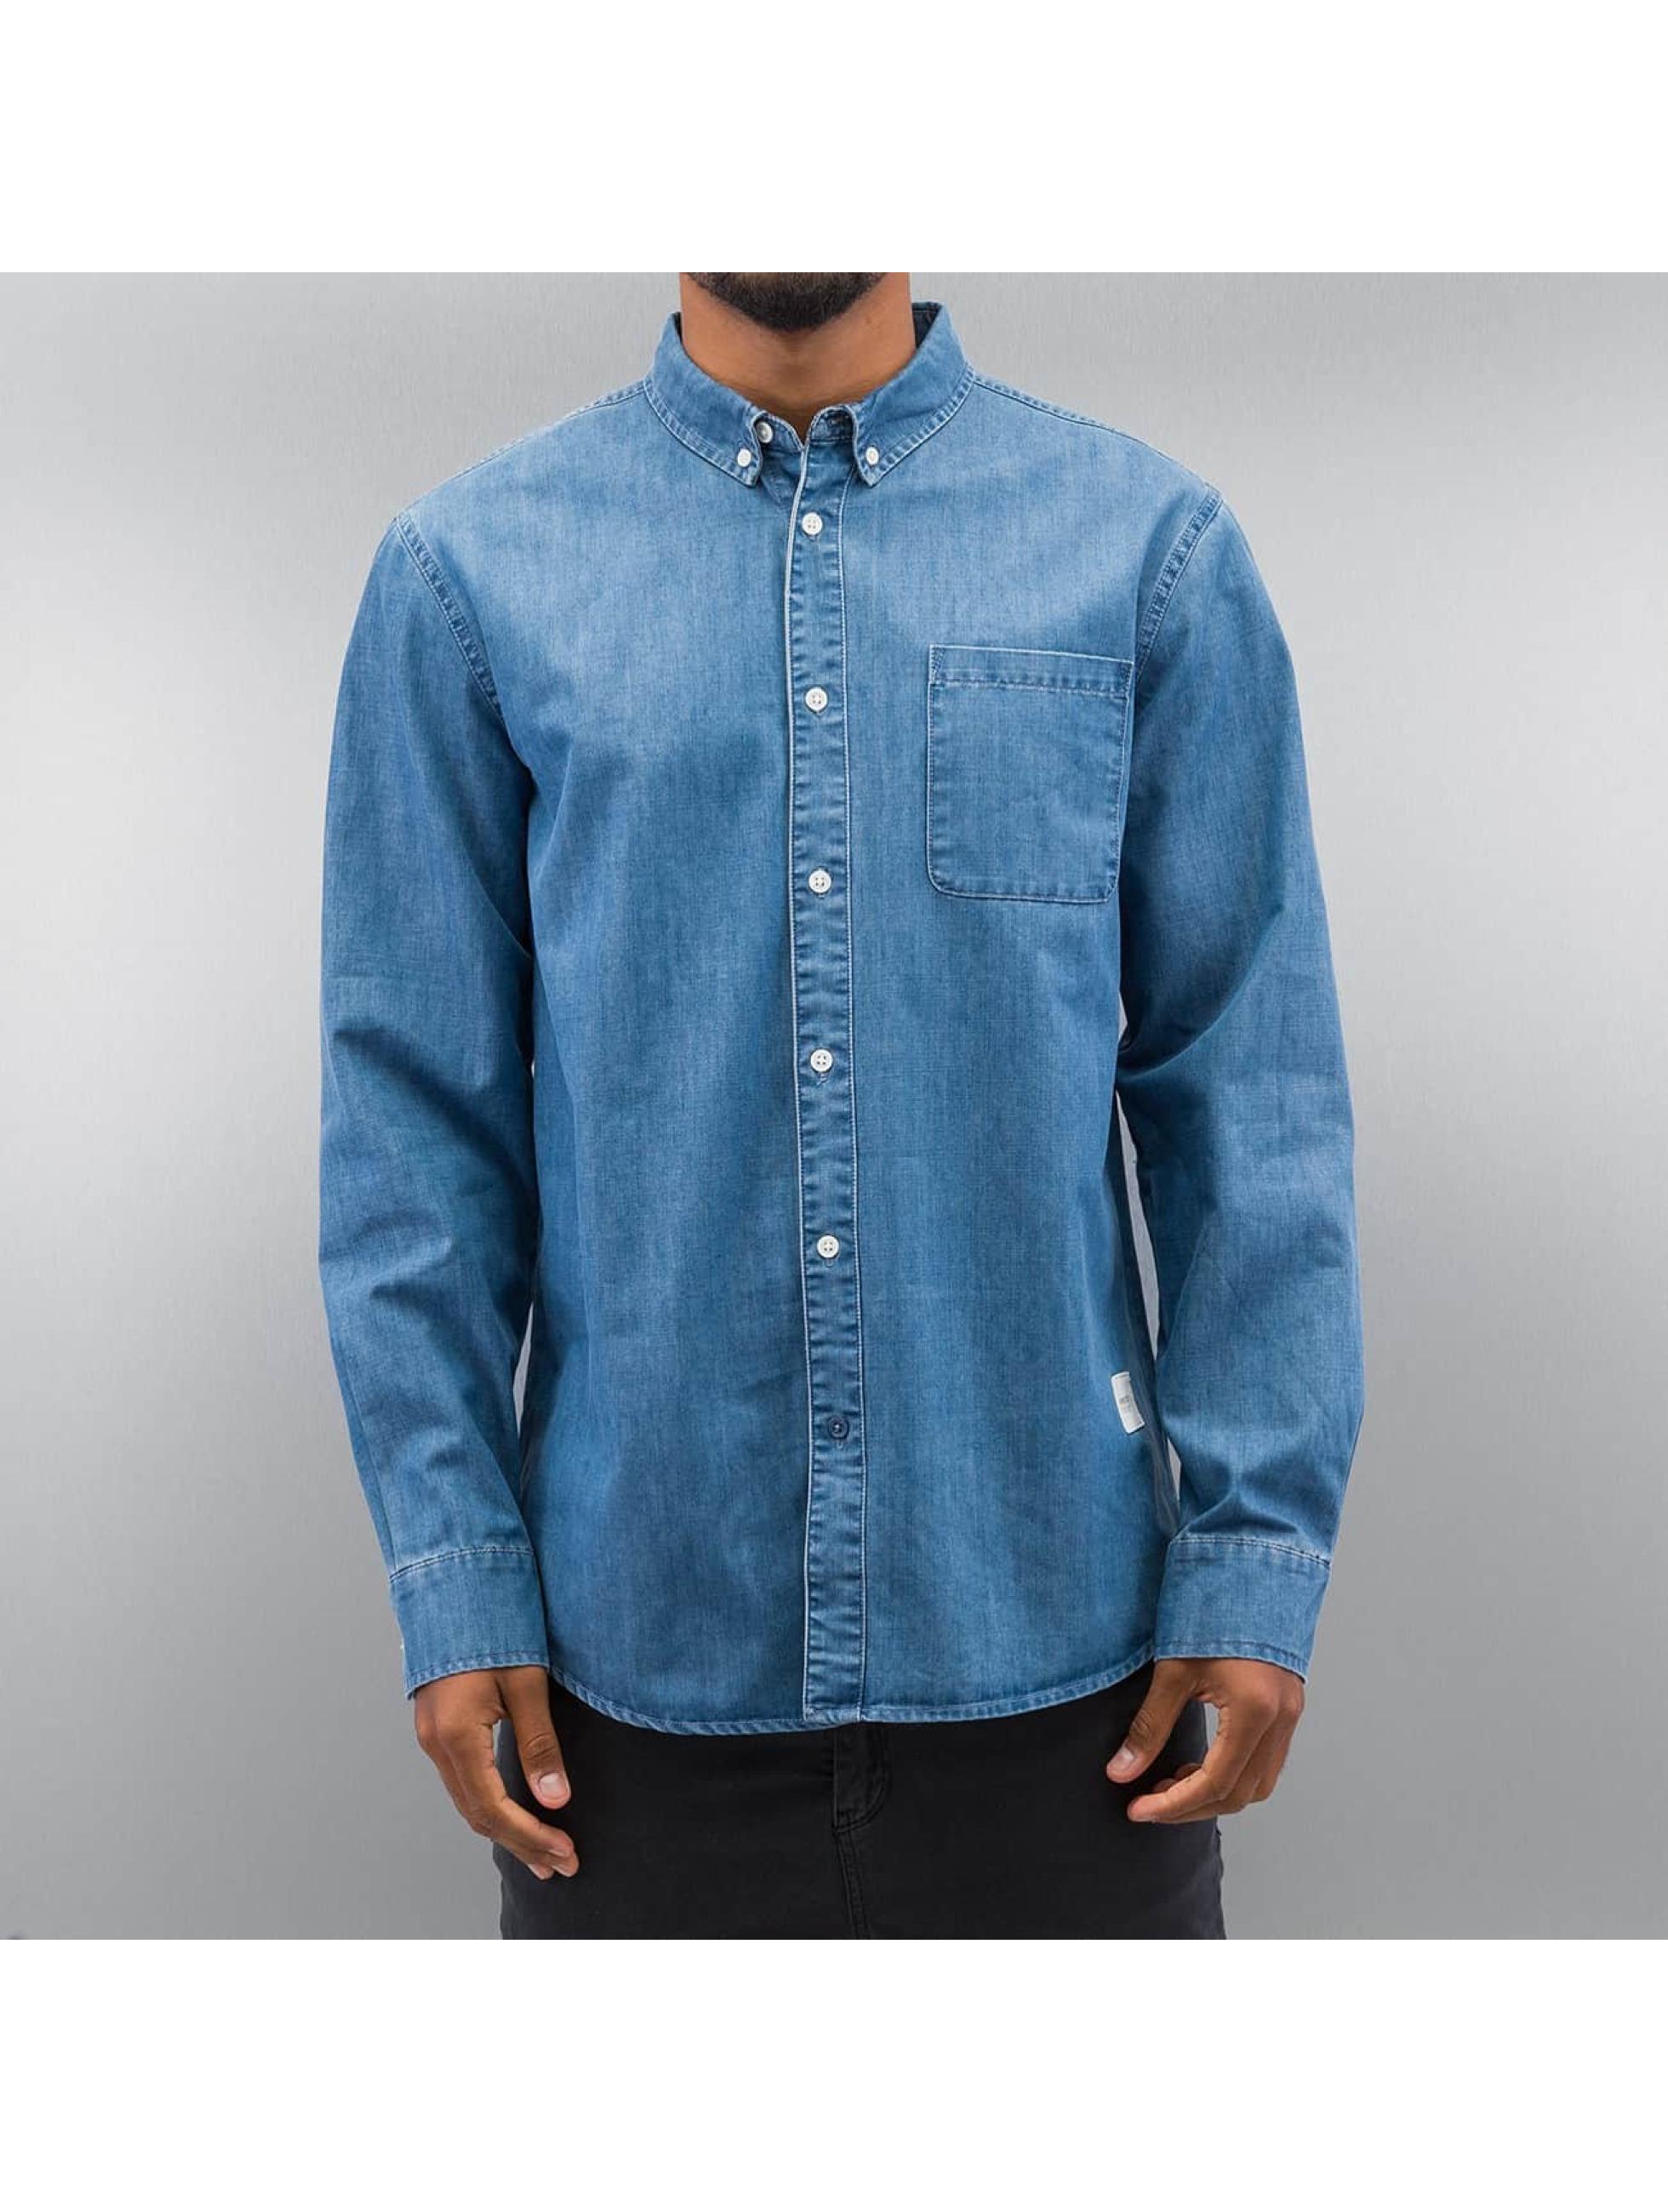 Wemoto Hemd Raylon blau